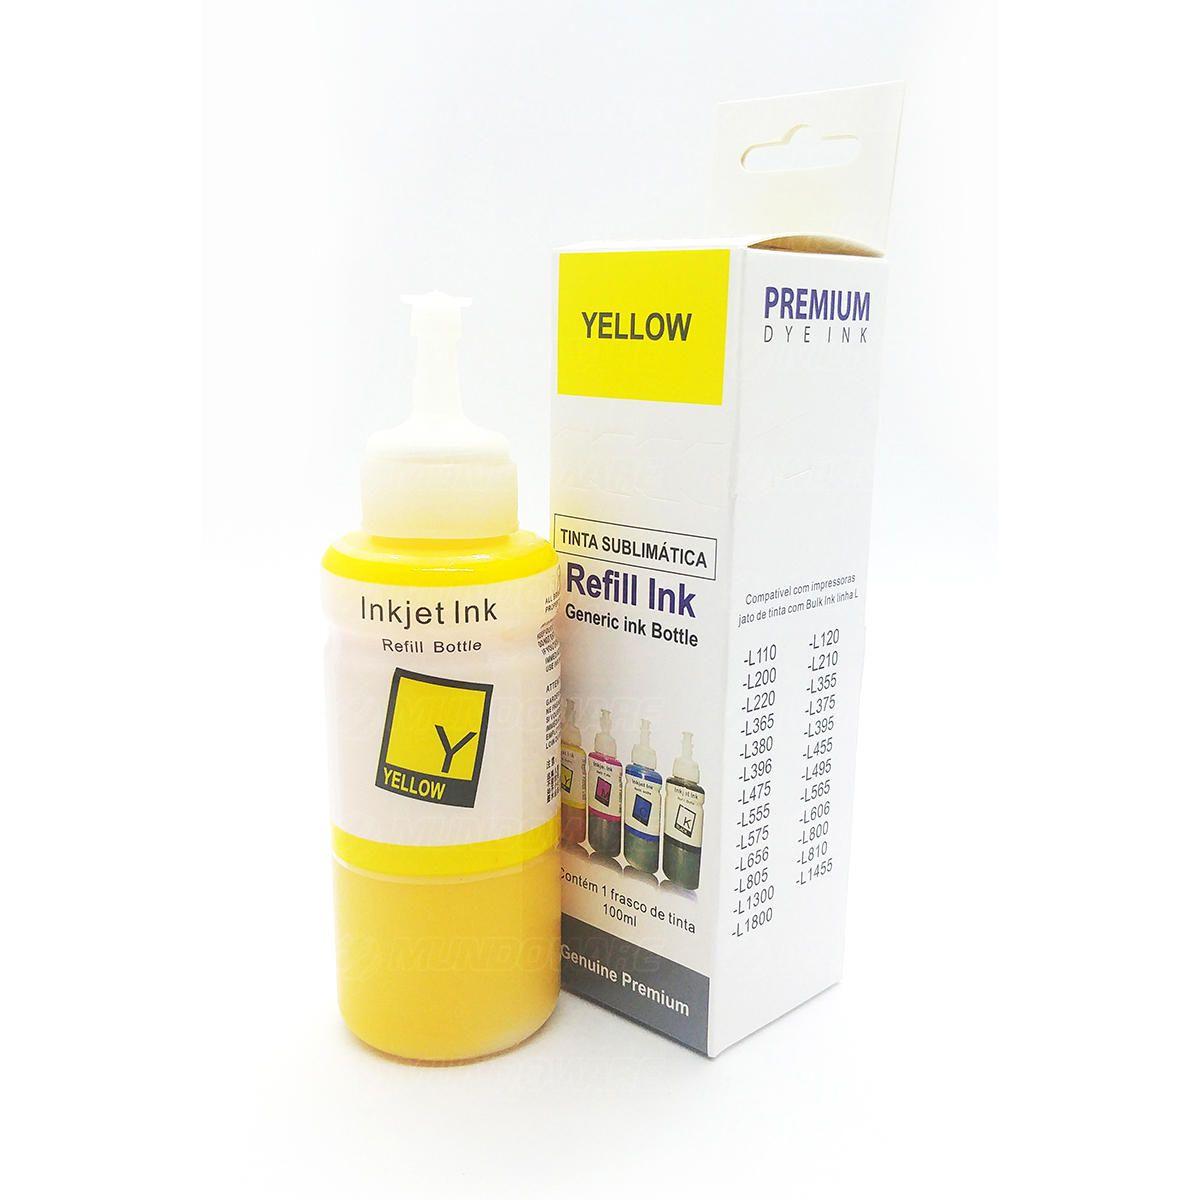 Compatível: Tinta Sublimática Laserteck para Sublimação para Epson L210 L380 L475 L565 L656 L800 / Amarelo / Refil 100ml